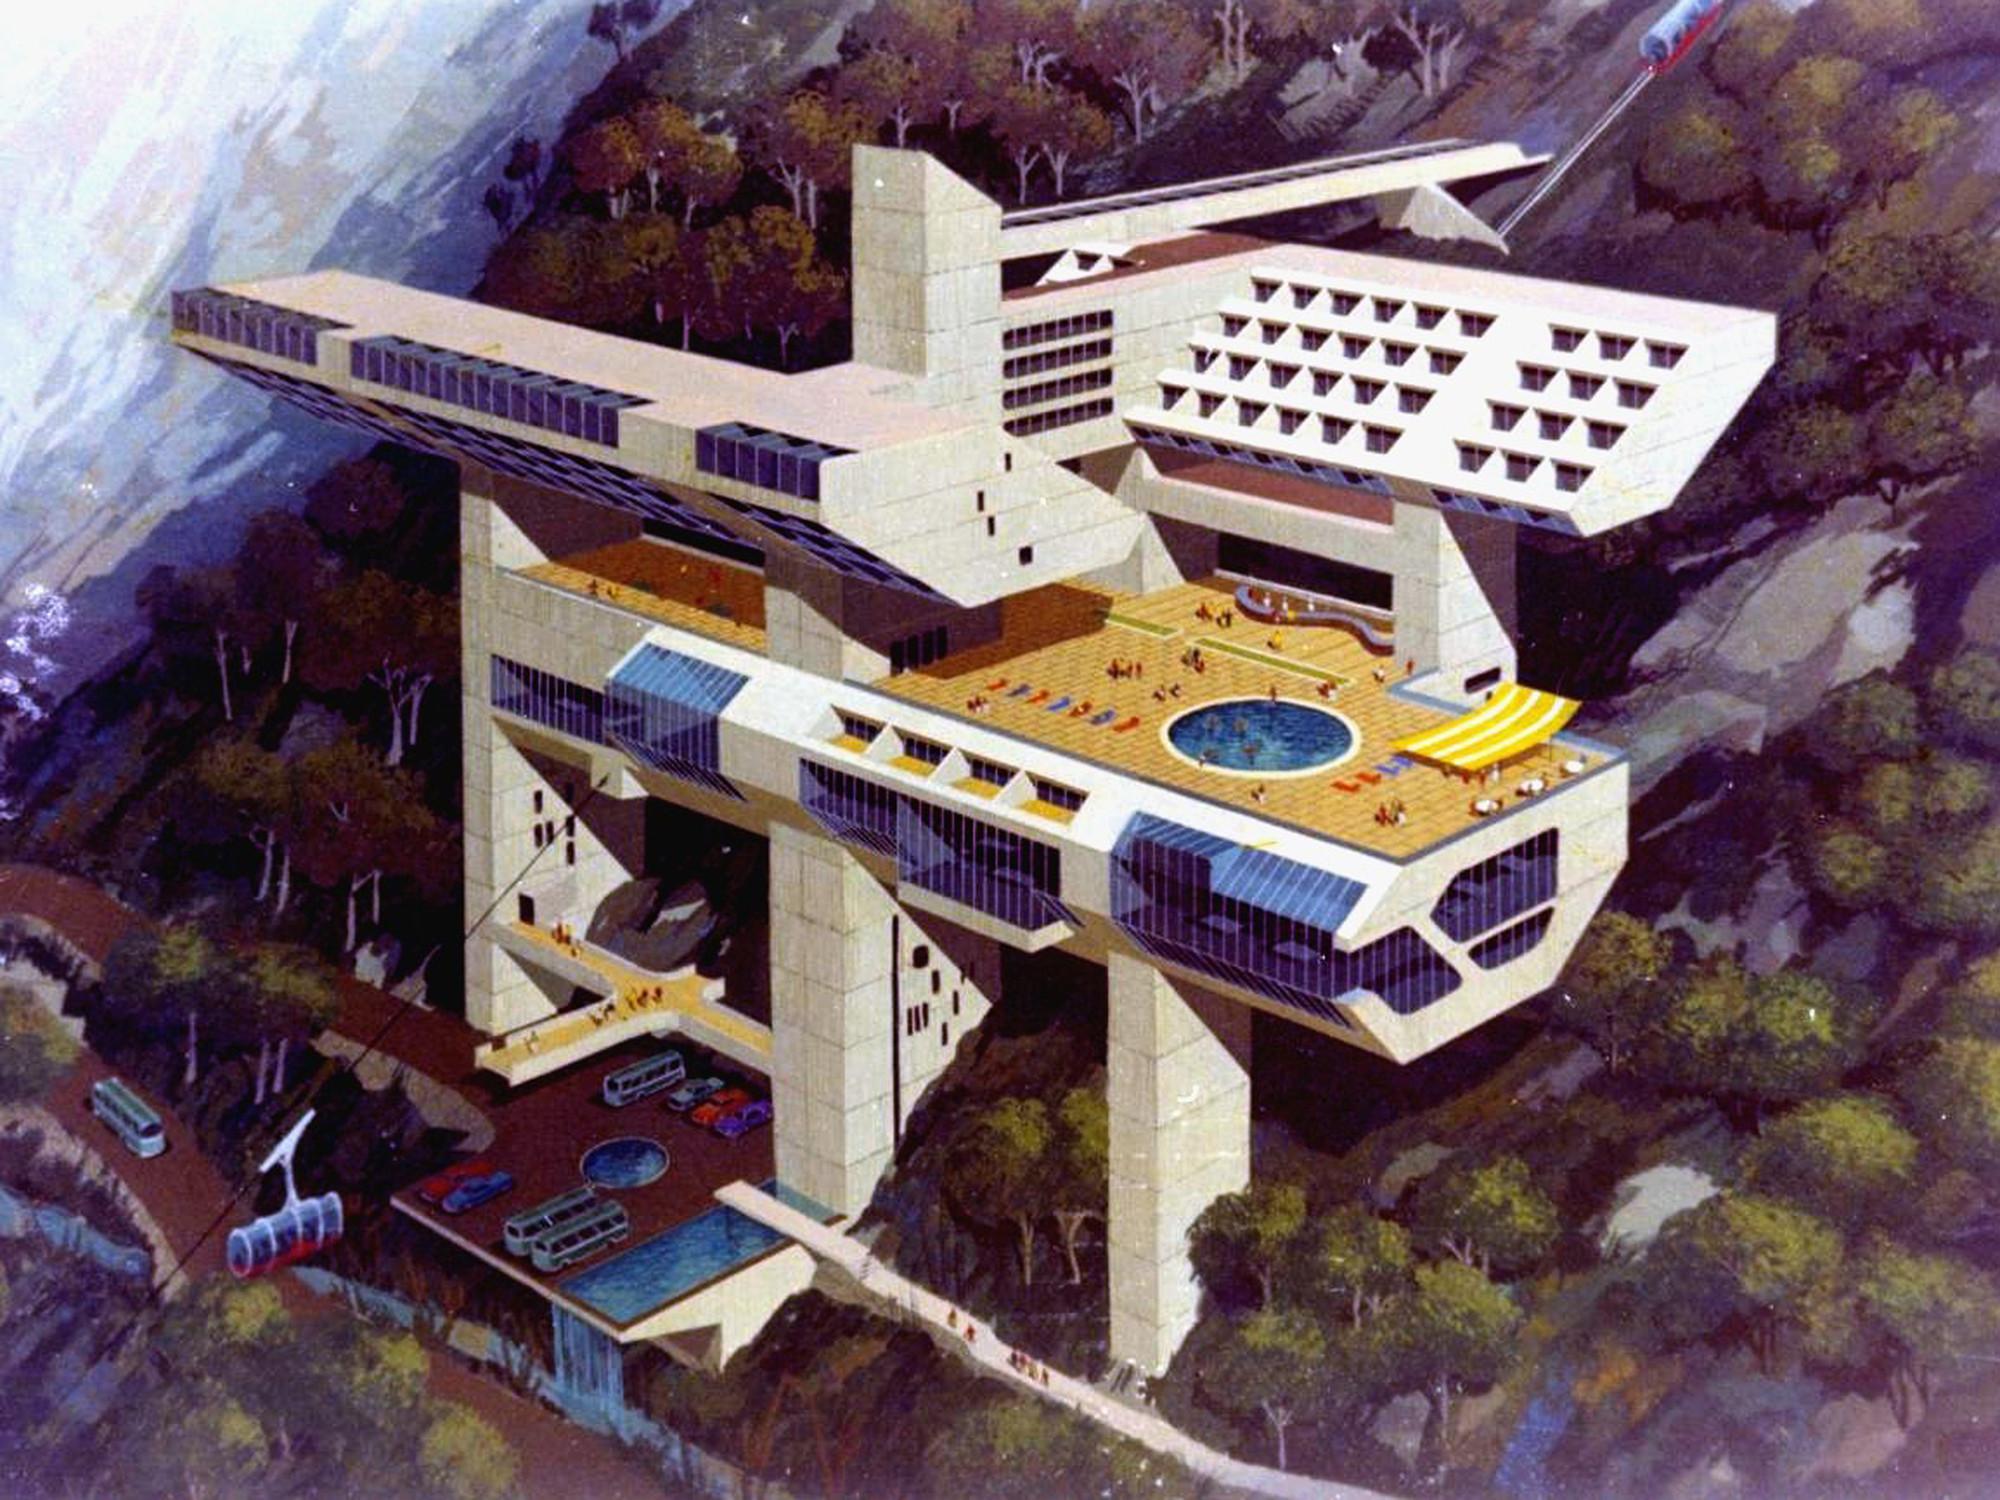 Latin America in Construction: Architecture 1955-1980